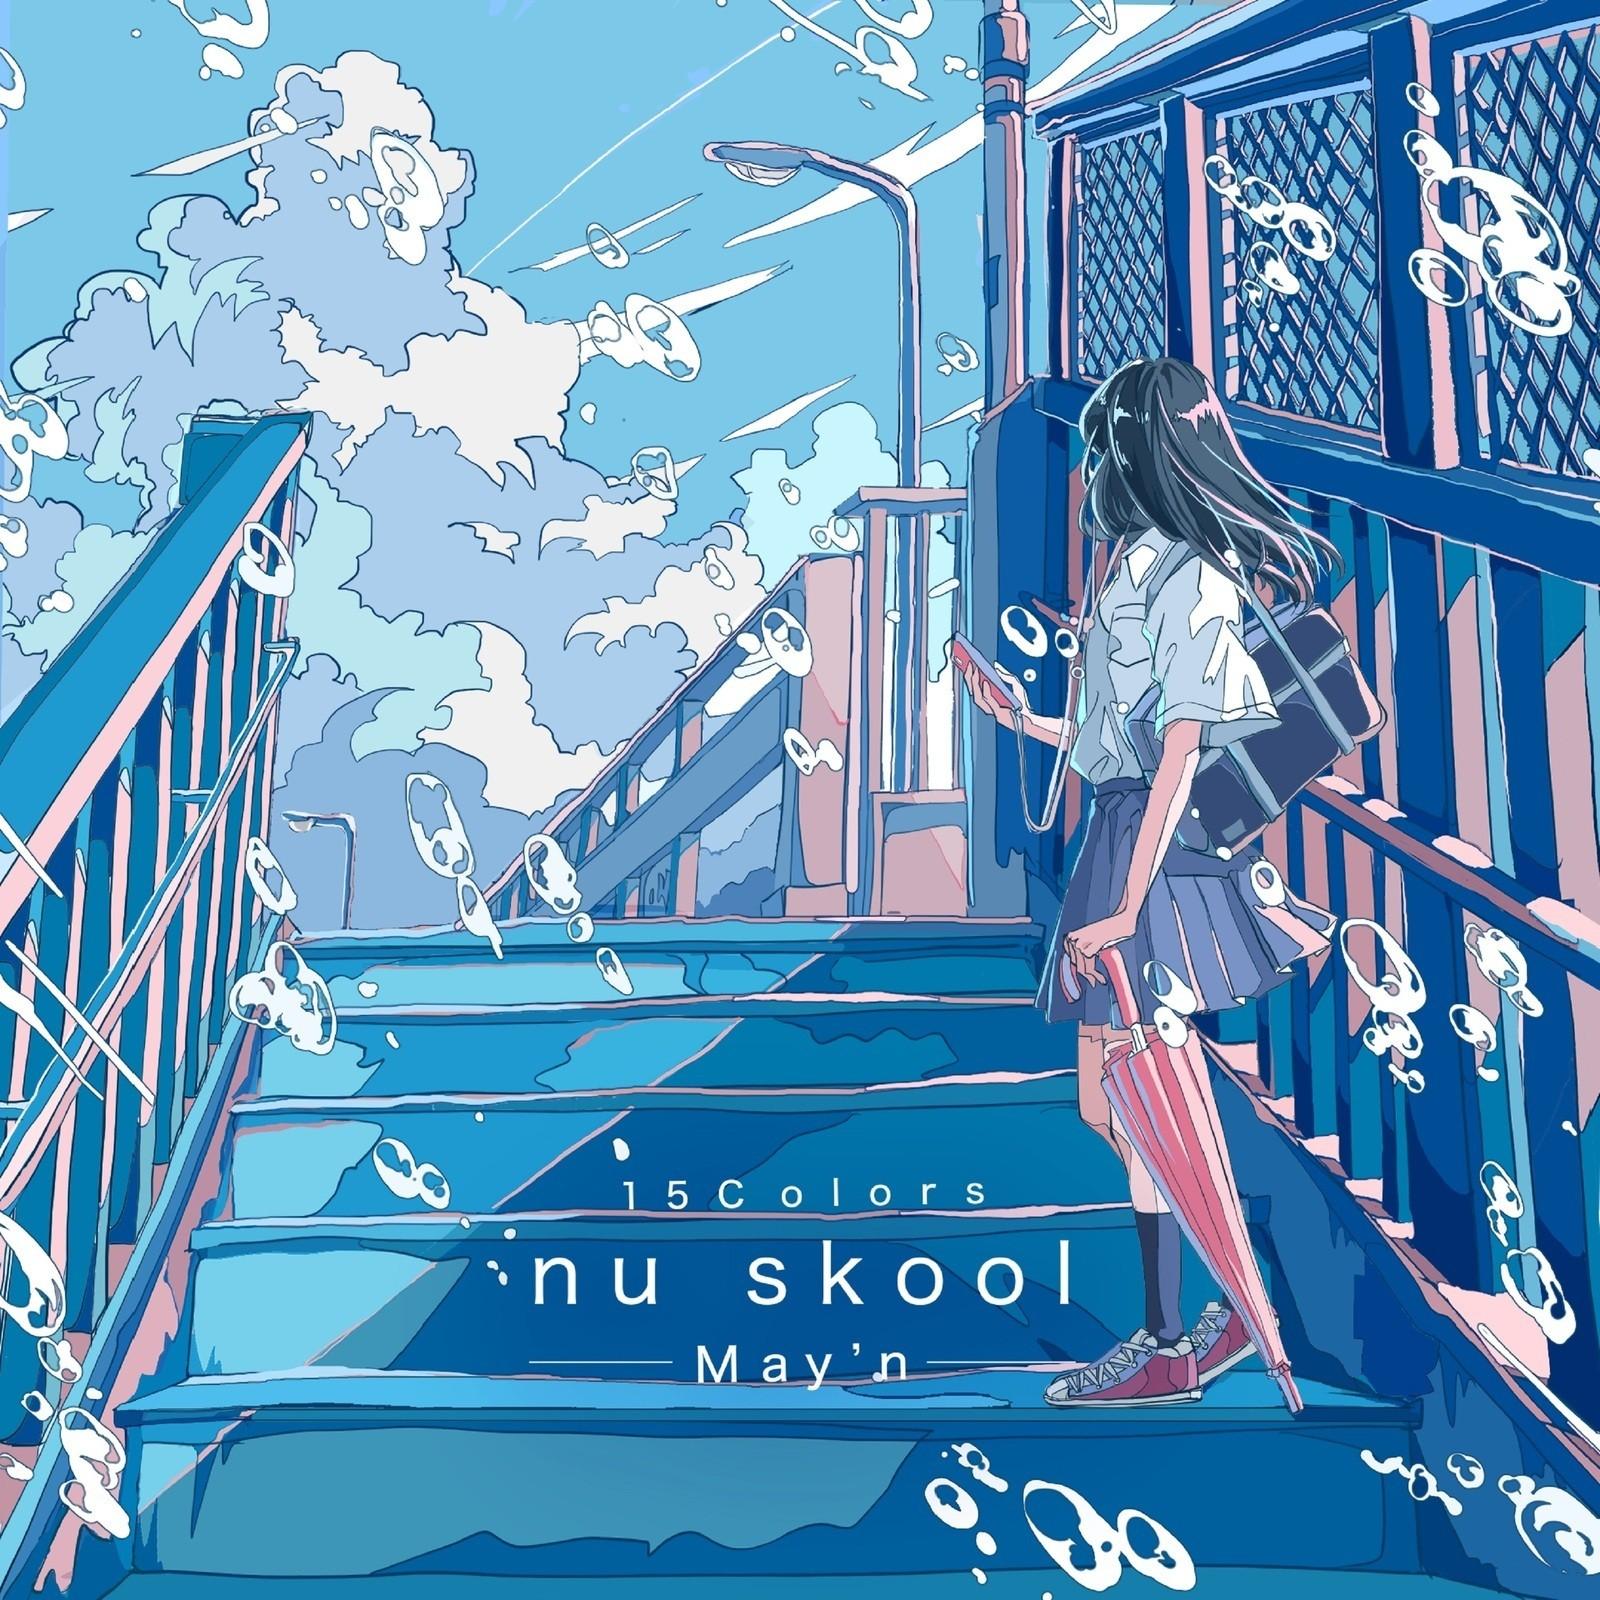 May'n (中林芽依) – 15Colors -nu skool- [FLAC / 24bit Lossless / WEB] [2020.11.11]